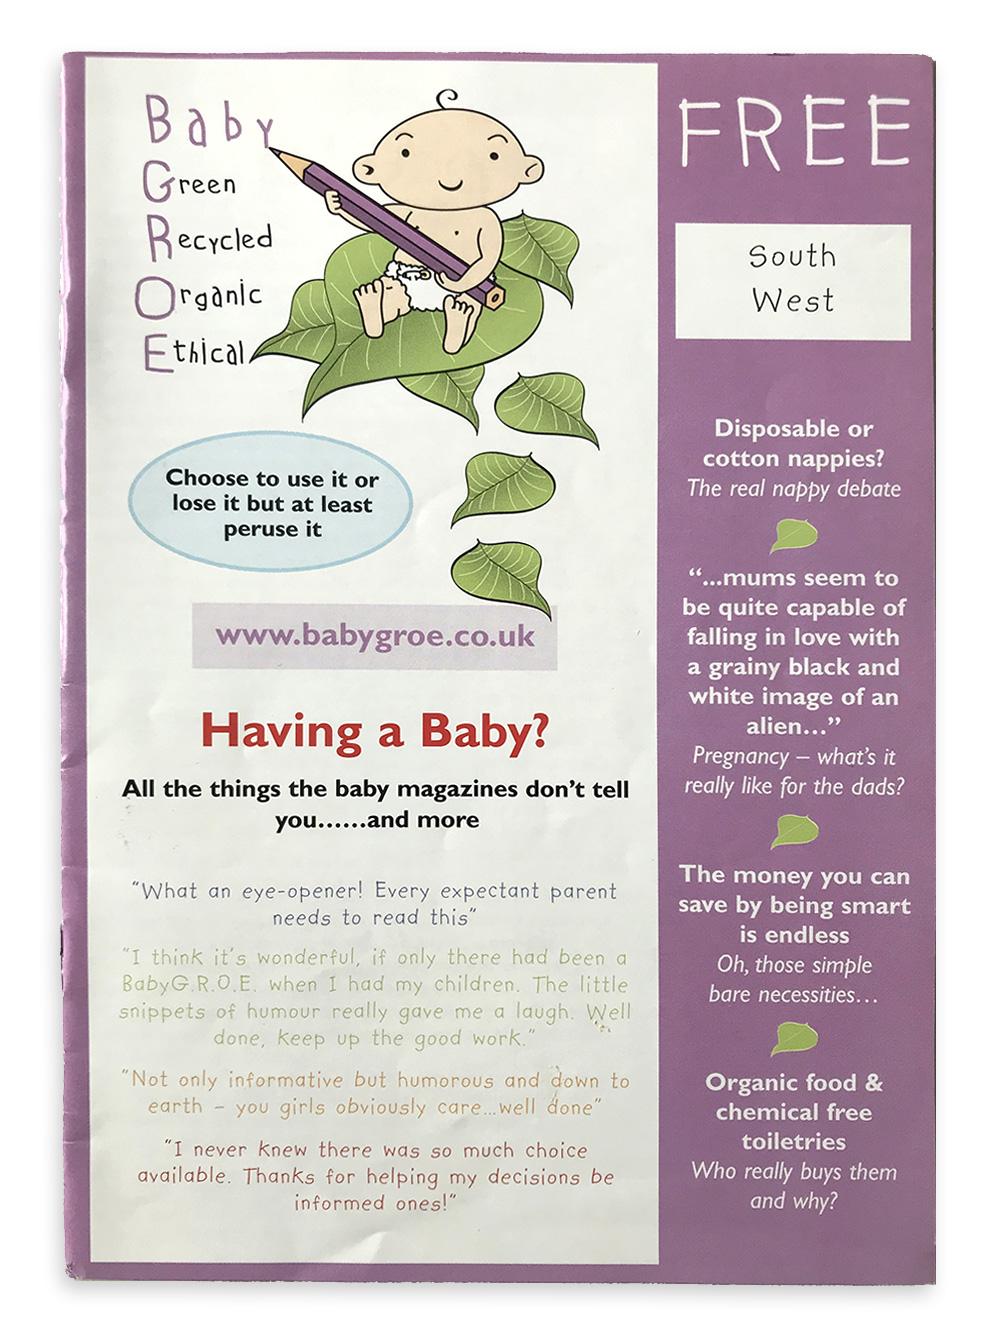 Old BabyGROE magazine